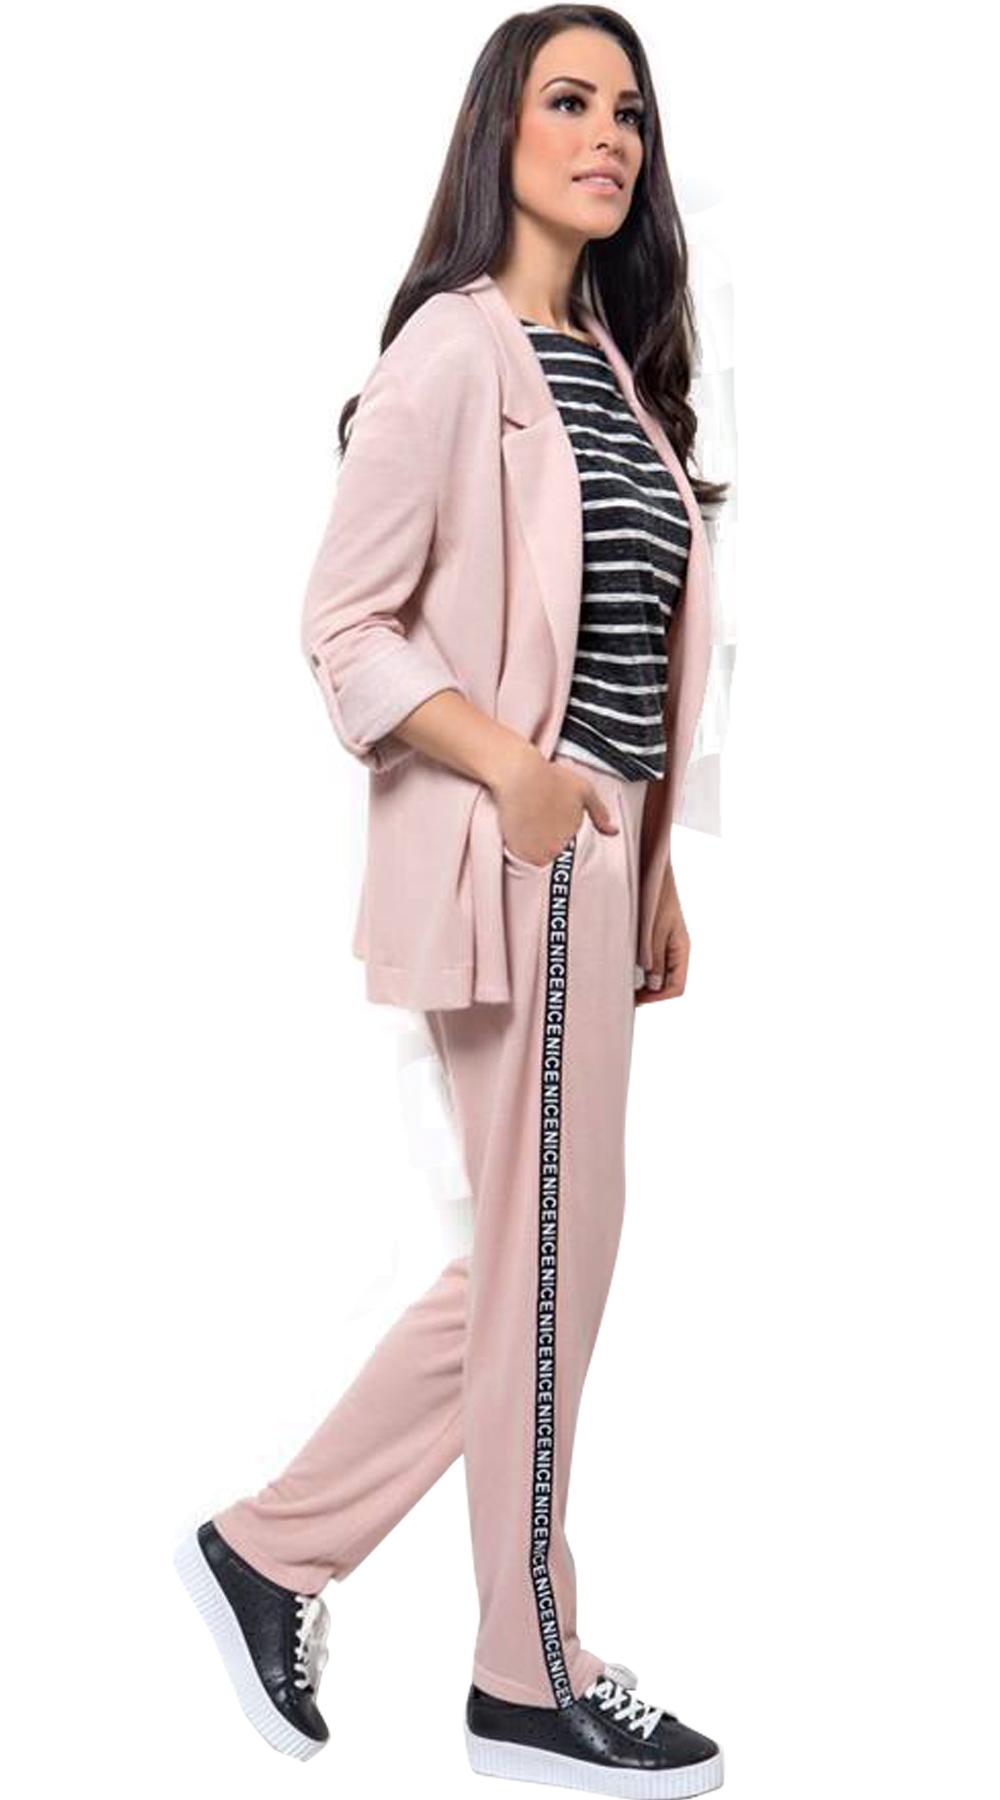 Γυναικείο σετ soft bazer και παντελόνι με αθλητική ρίγα  999cffd4e97